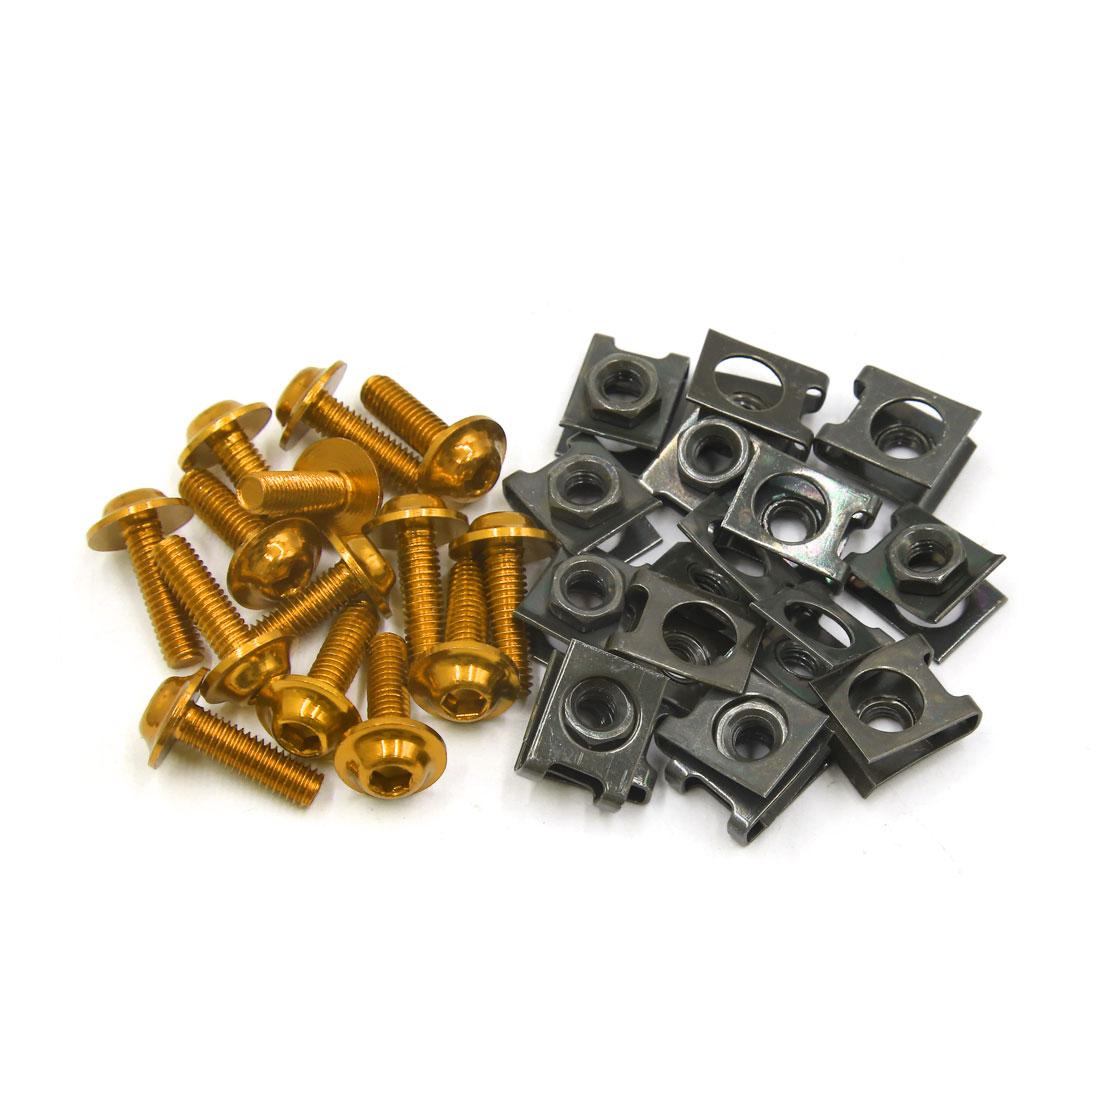 16Pcs Gold Tone Metal Motorcycle 6mm Thread Dia Hexagon Bolts Screws Rivet Clip